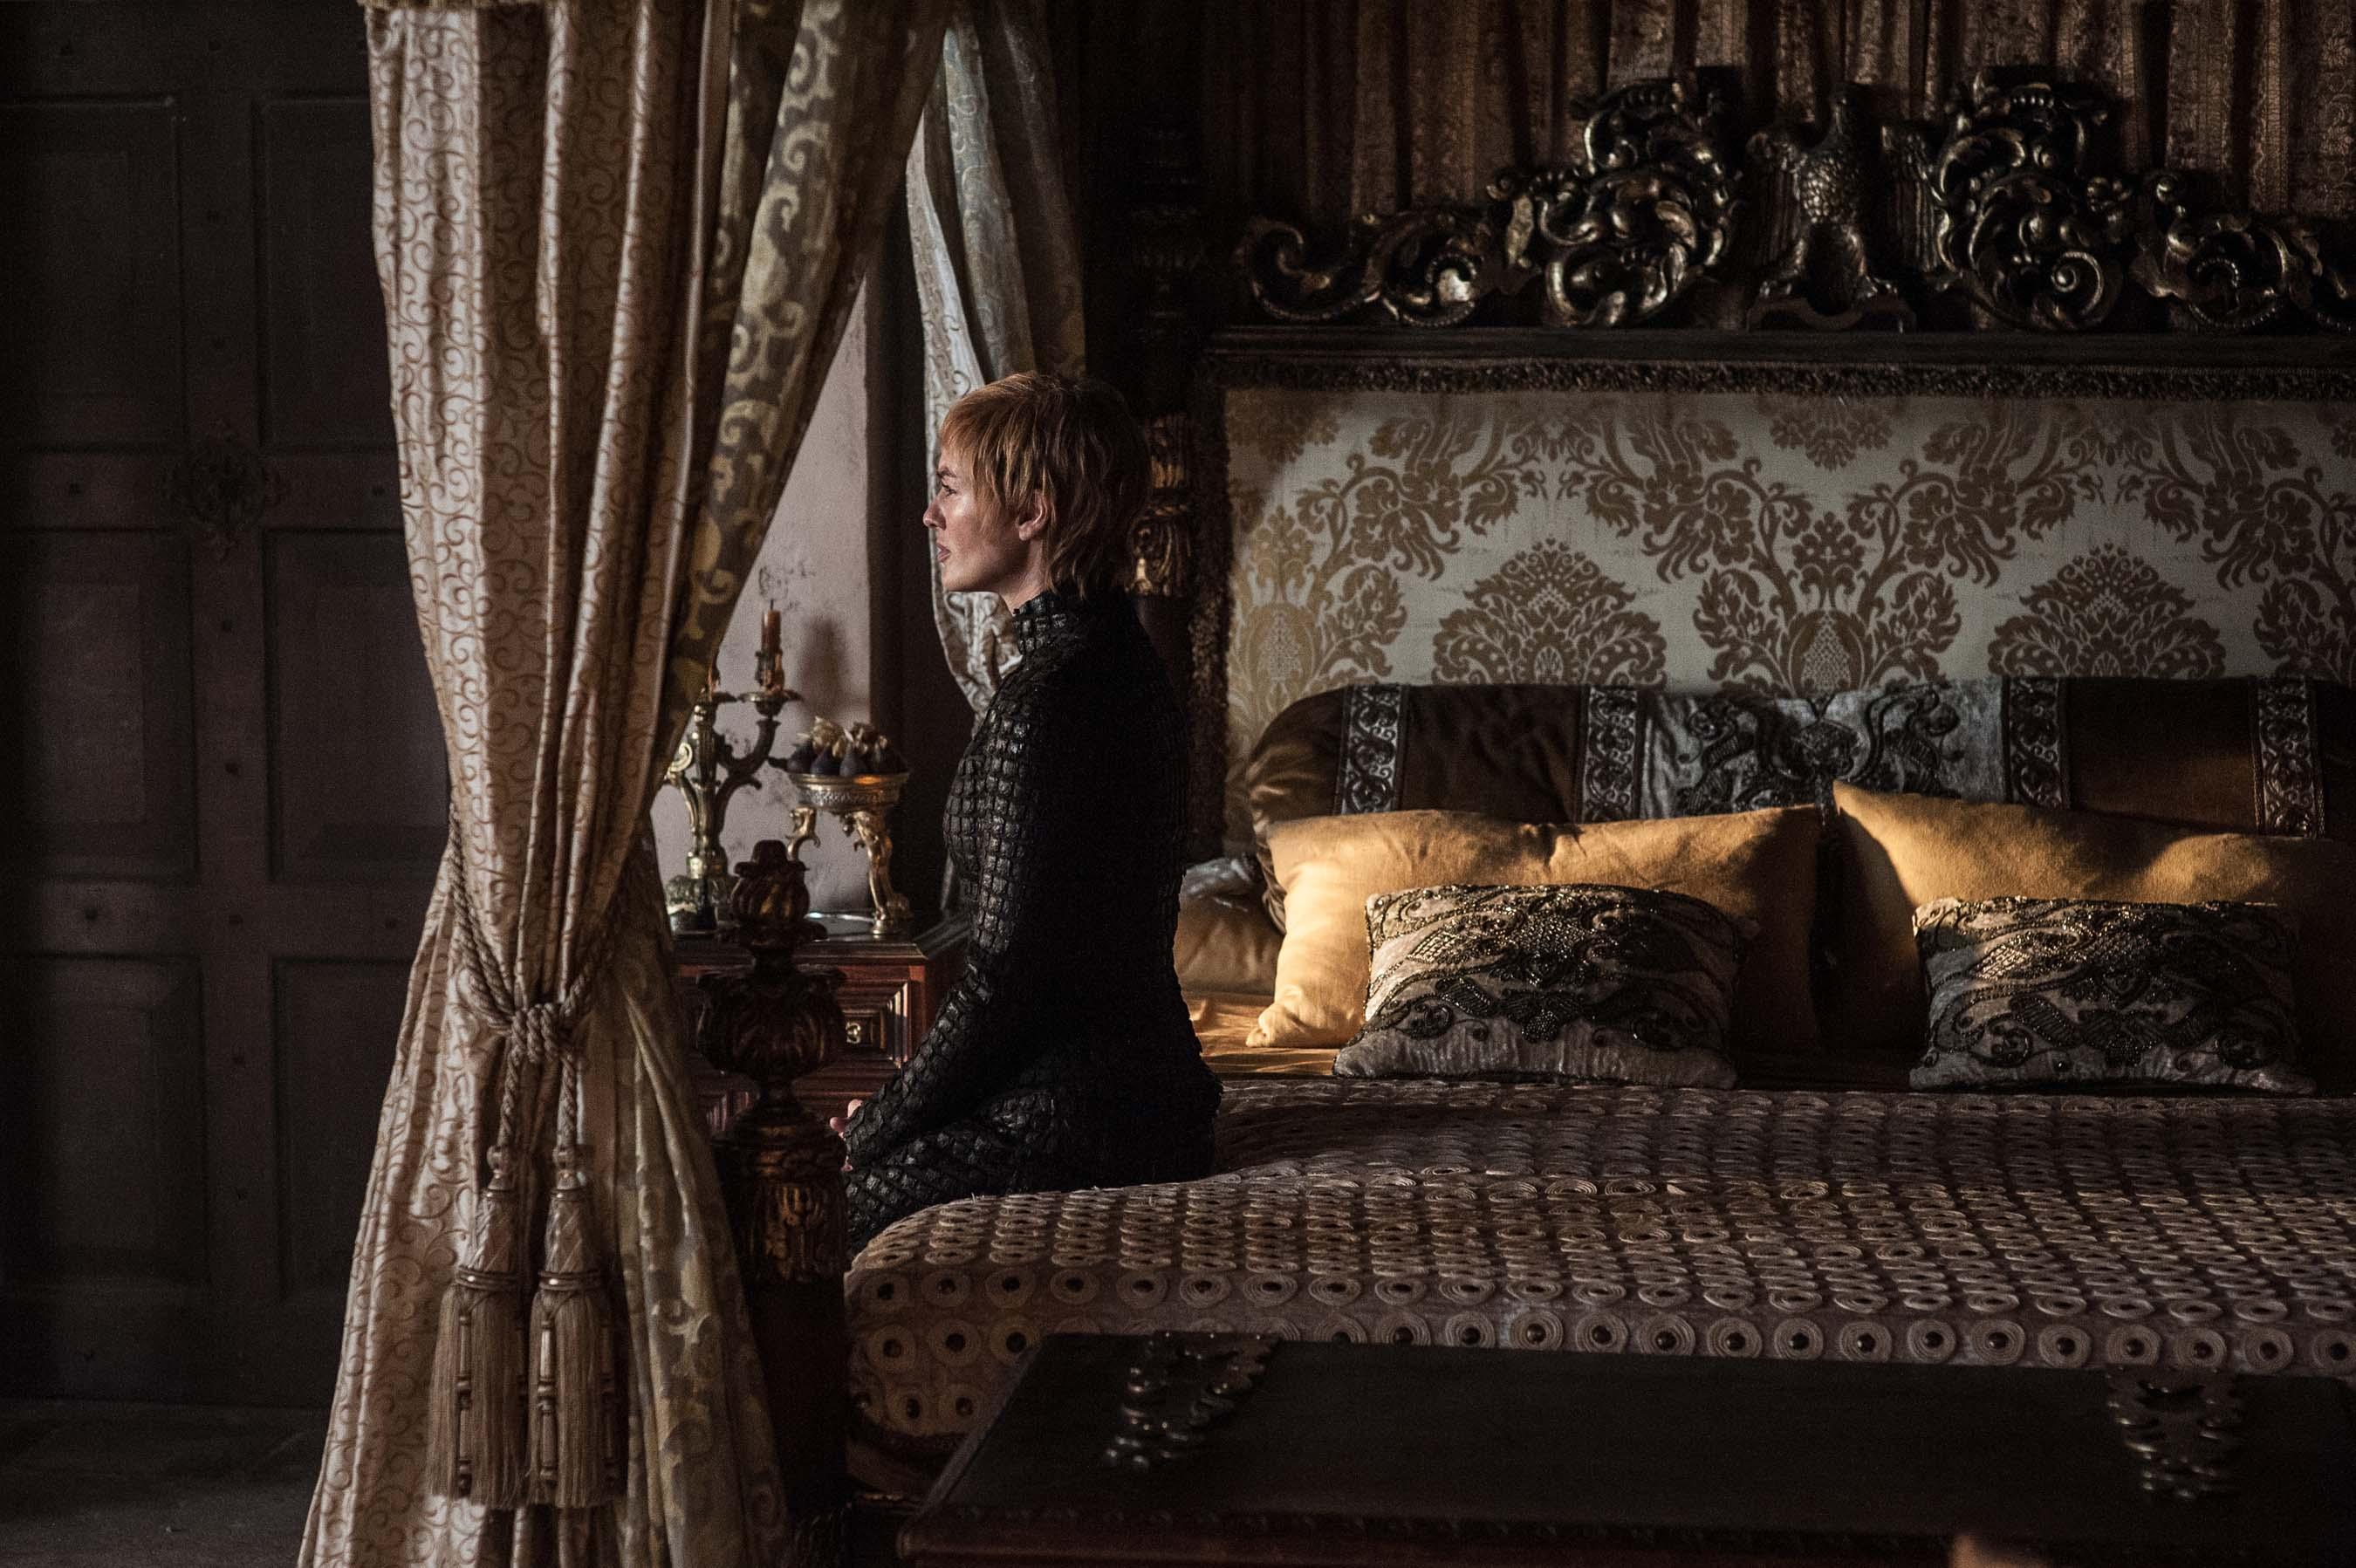 Il Trono di Spade: Lena Headey nell'episodio Eastwatch